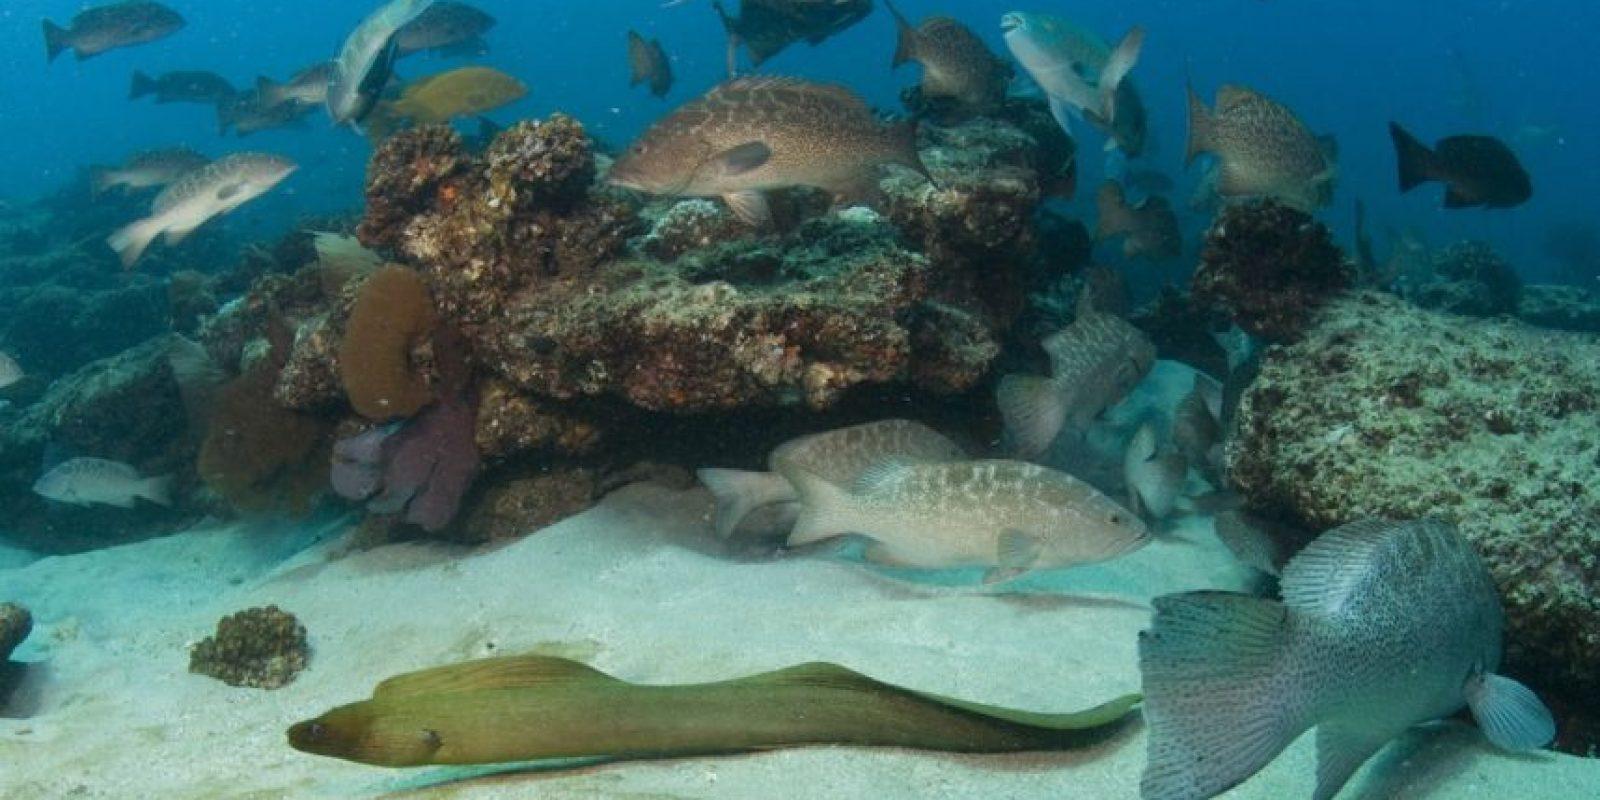 Cabo Pulmo tiene una gran importancia ambiental que radica en la gran cantidad de especies marinas que habitan en el lugar y en que en sus aguas se ubica el arrecife de coral más septentrional del Pacífico Este, único arrecife coralino de toda la península de Baja California y uno de los tres únicos arrecifes vivos que quedan en toda Norteamérica.  Foto:Octavio Aburto